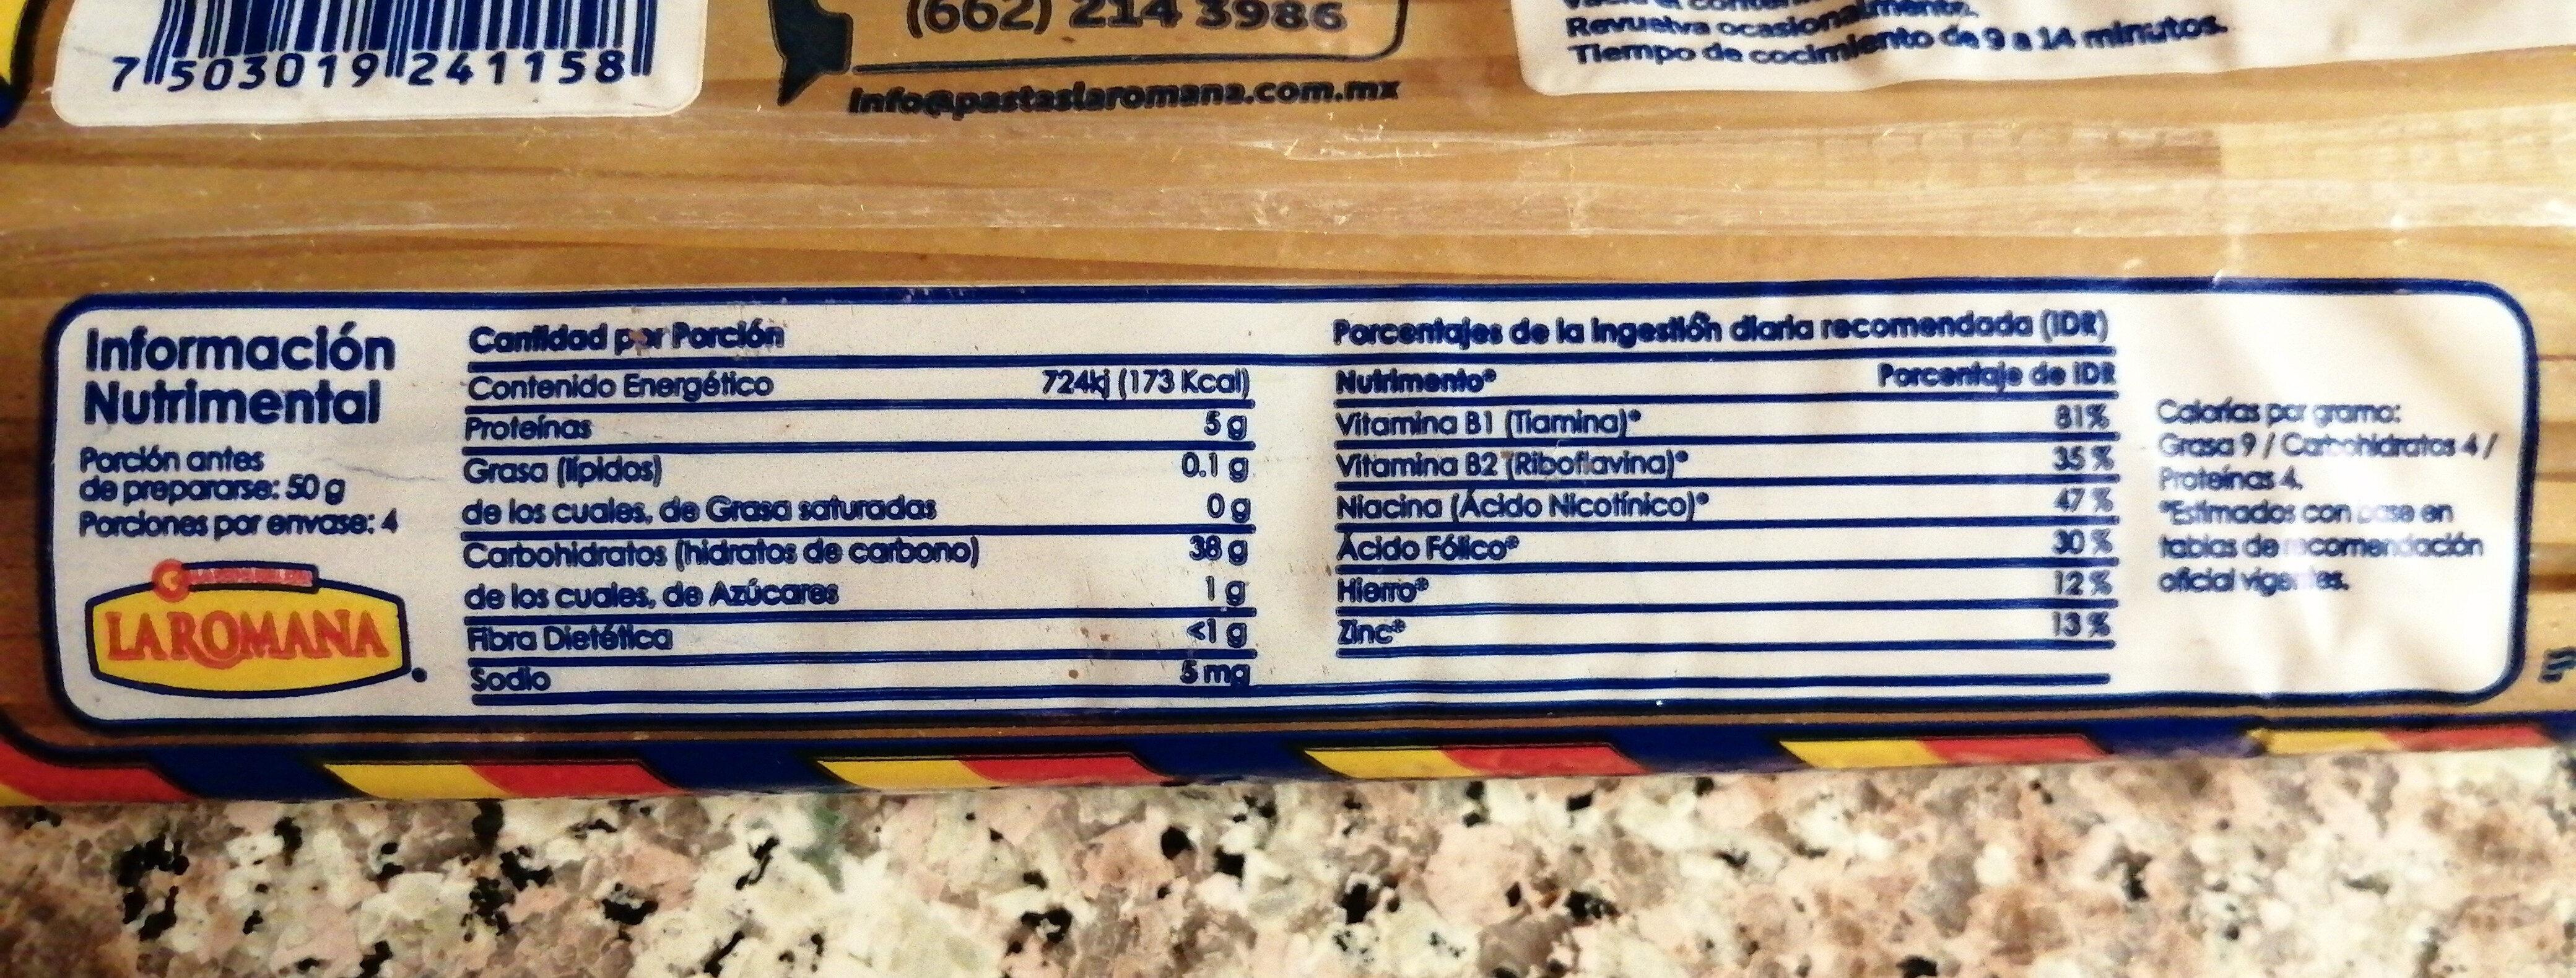 Pasta para sopa tallarín - Información nutricional - es